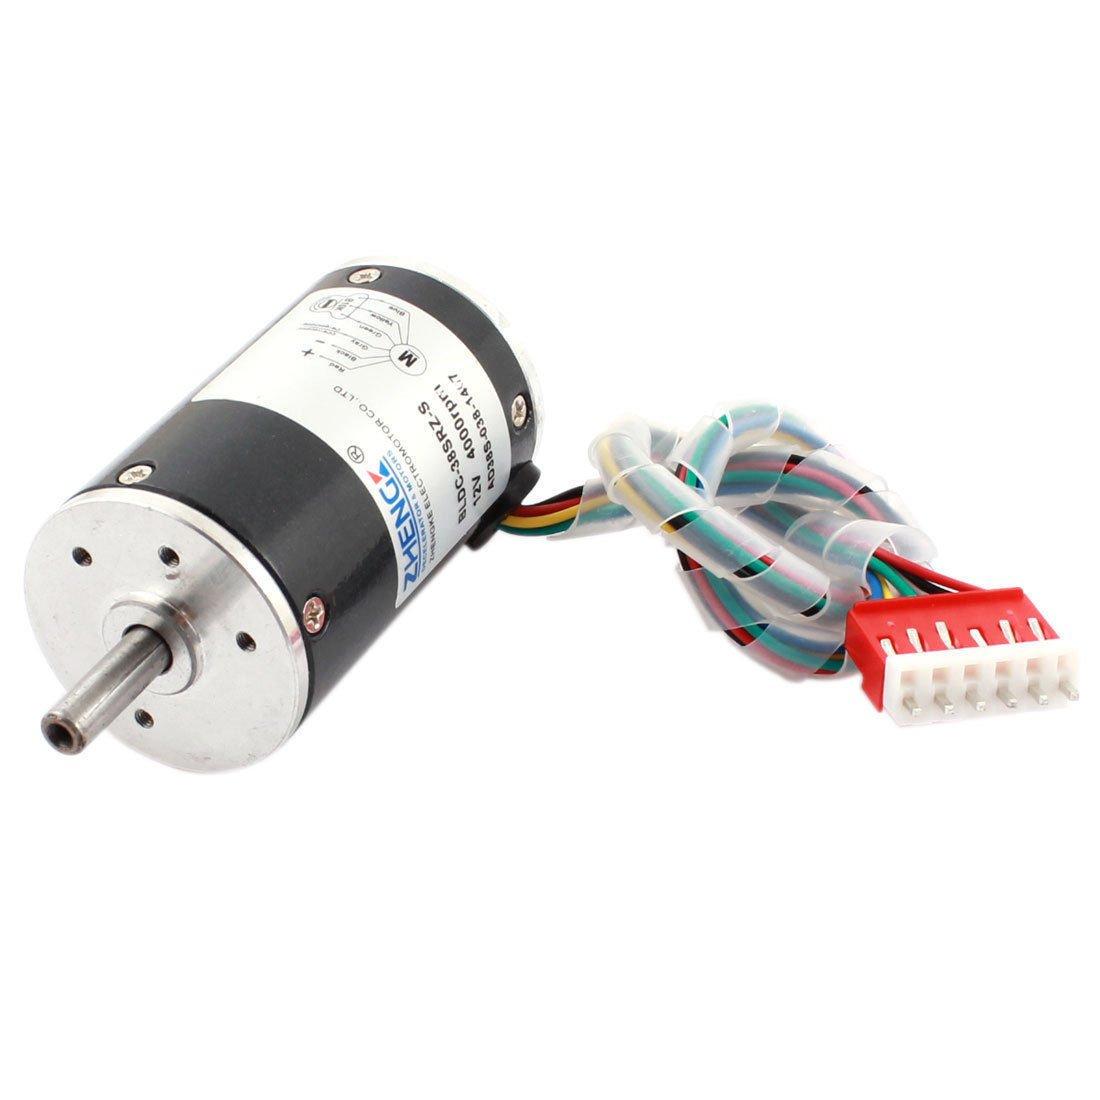 DC 12V 4000R 38mm Diameter Low Noise Adjustable Speed Brushless Motor BLDC-38SRZ